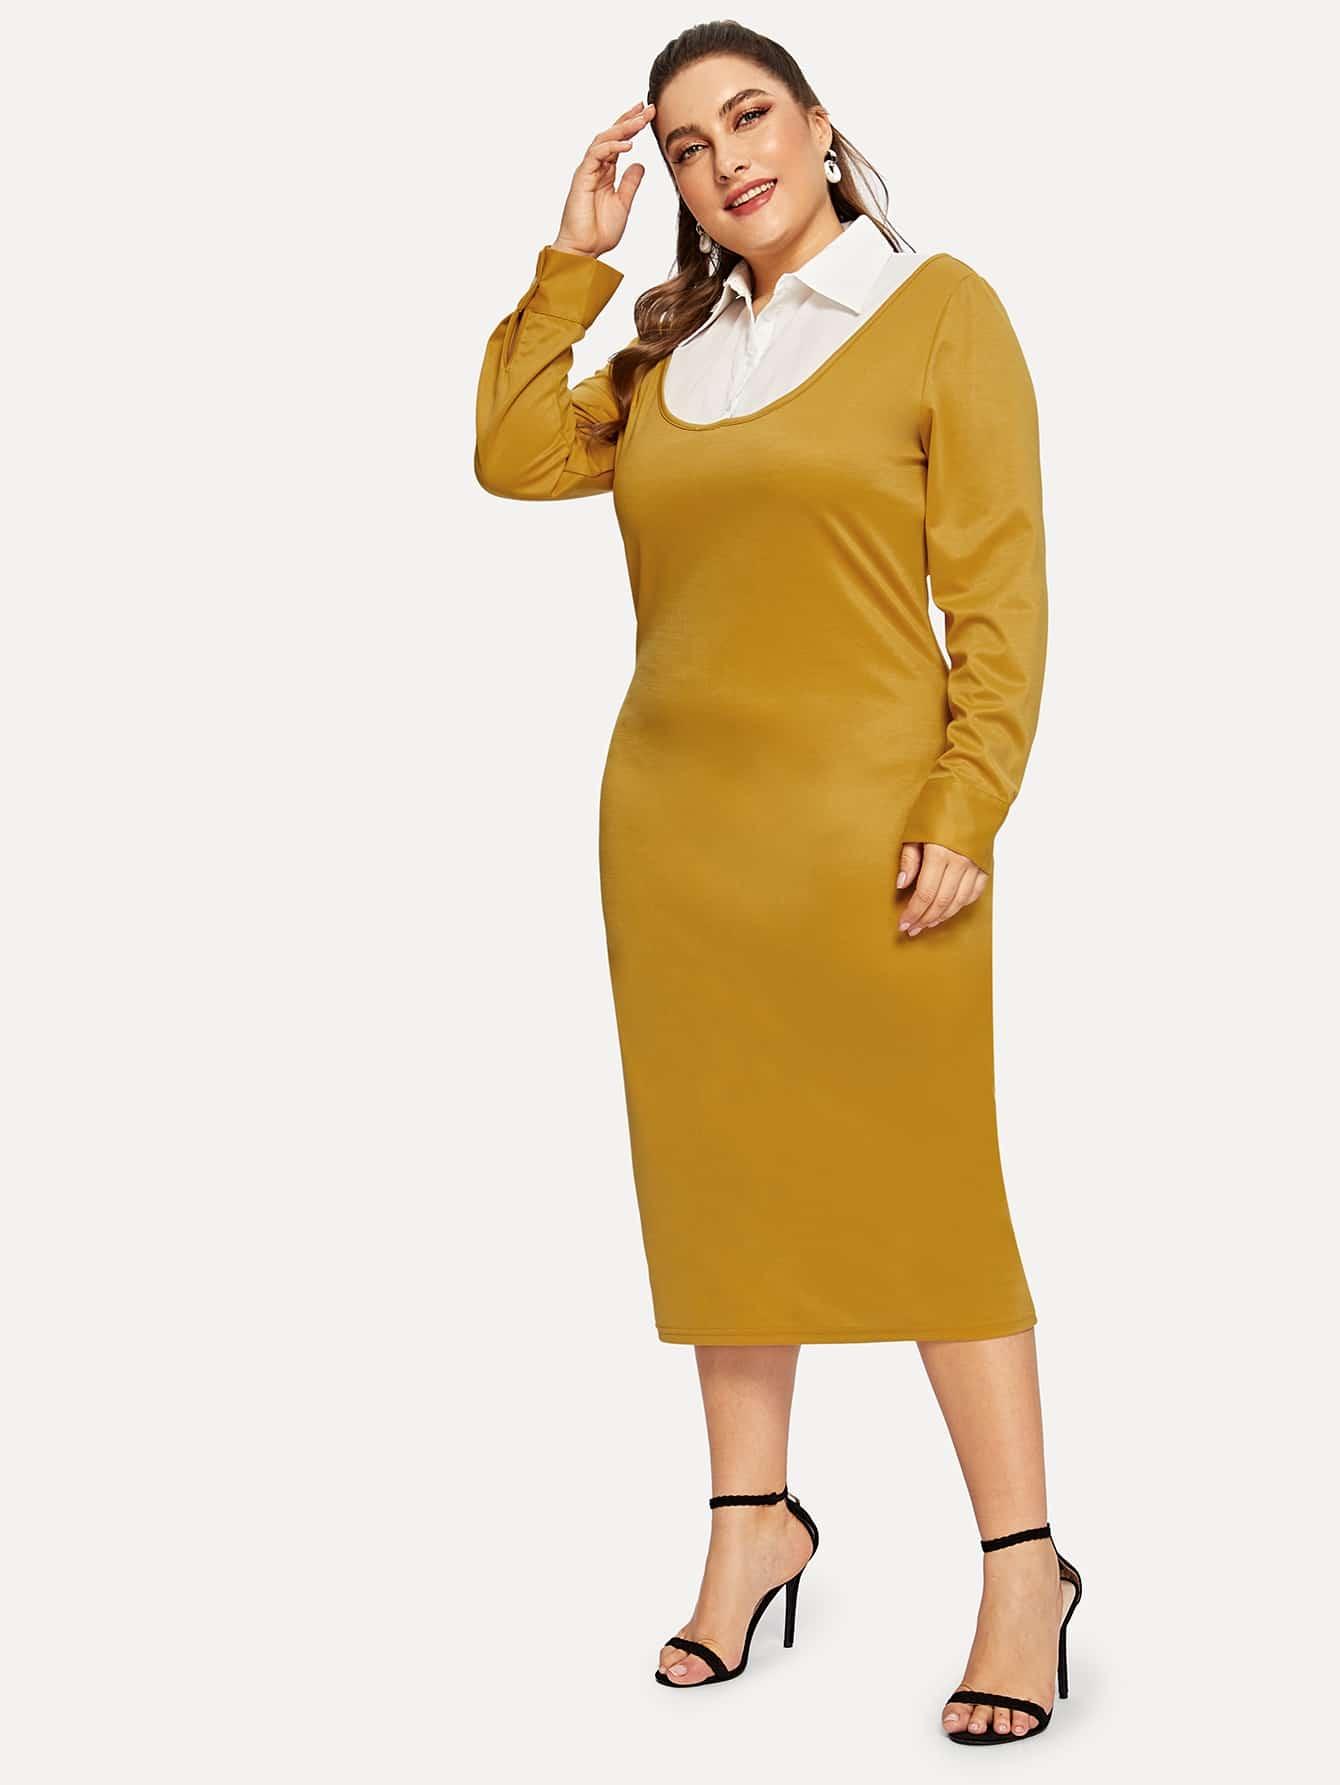 2 в 1 прилегающее платье размера плюс